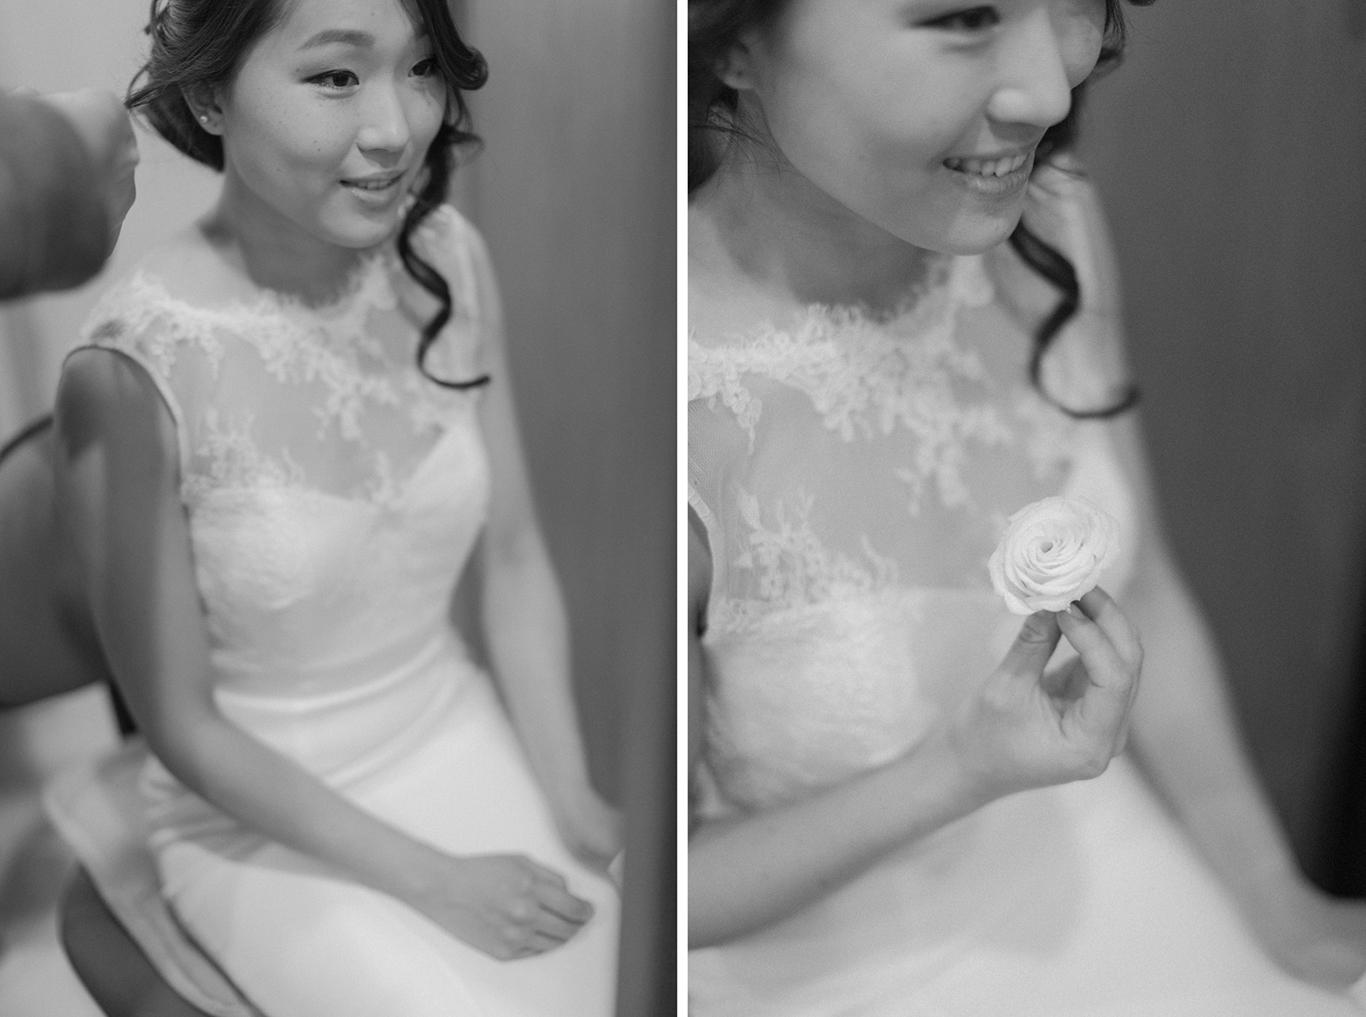 49-hellojanelee-amazing-wedding-2015-malaysia